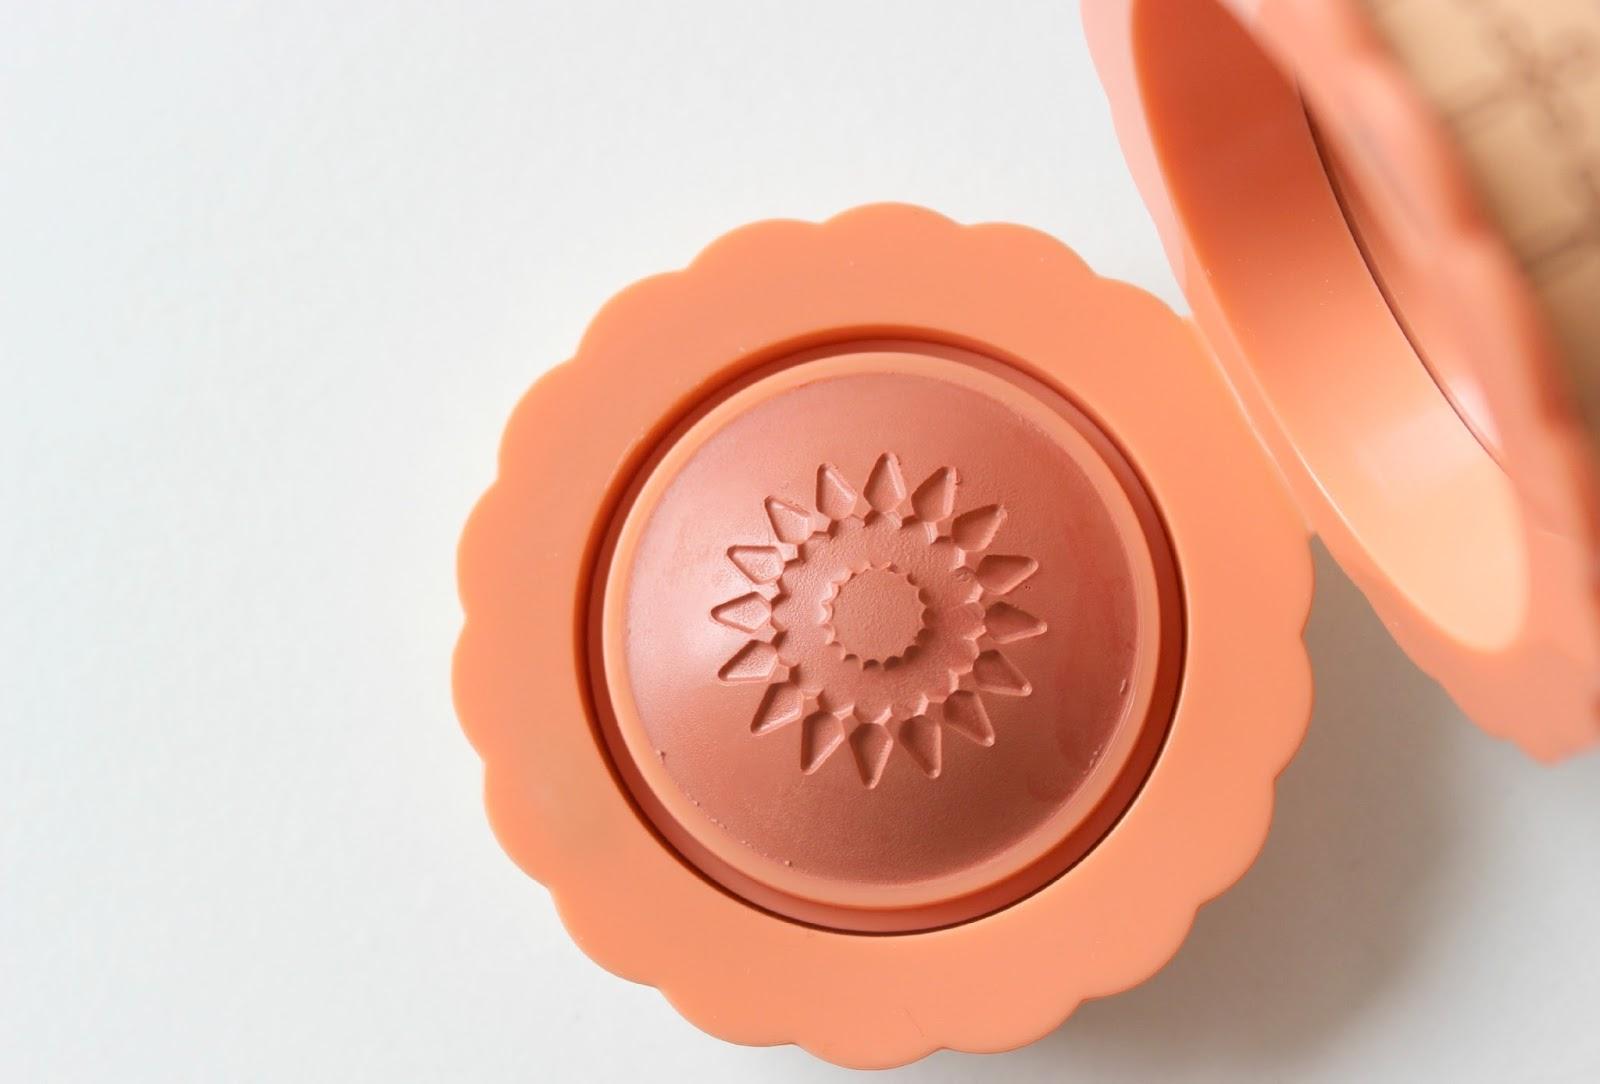 A picture of Benefit Majorette Cream-to-Powder Peach Blush